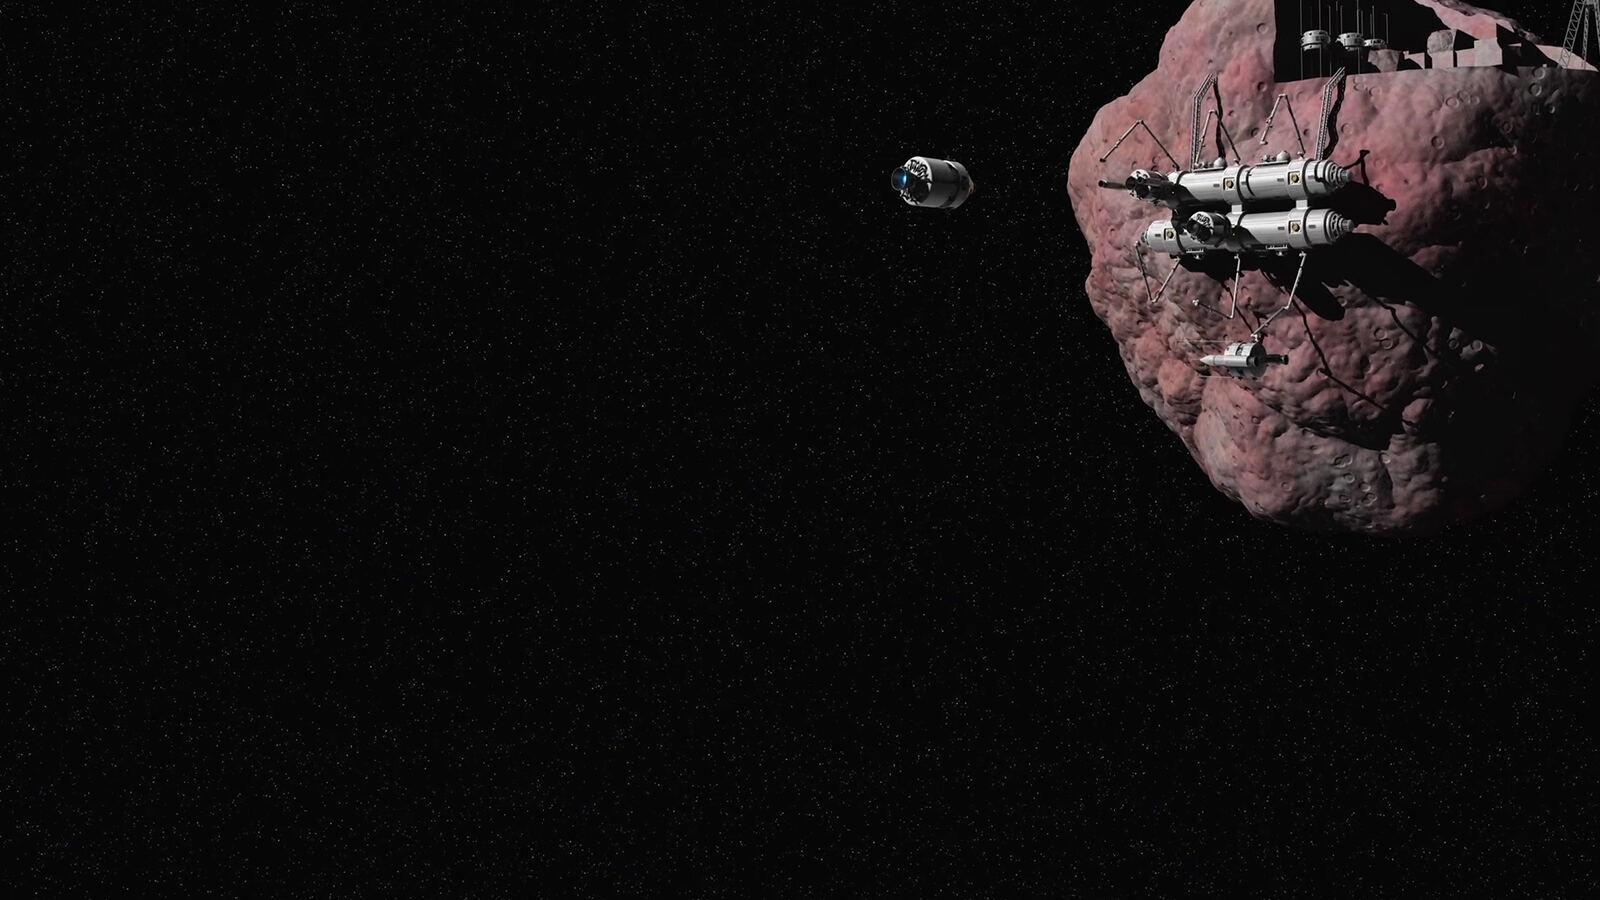 Focus Asteroidi, nuovo orizzonte per..